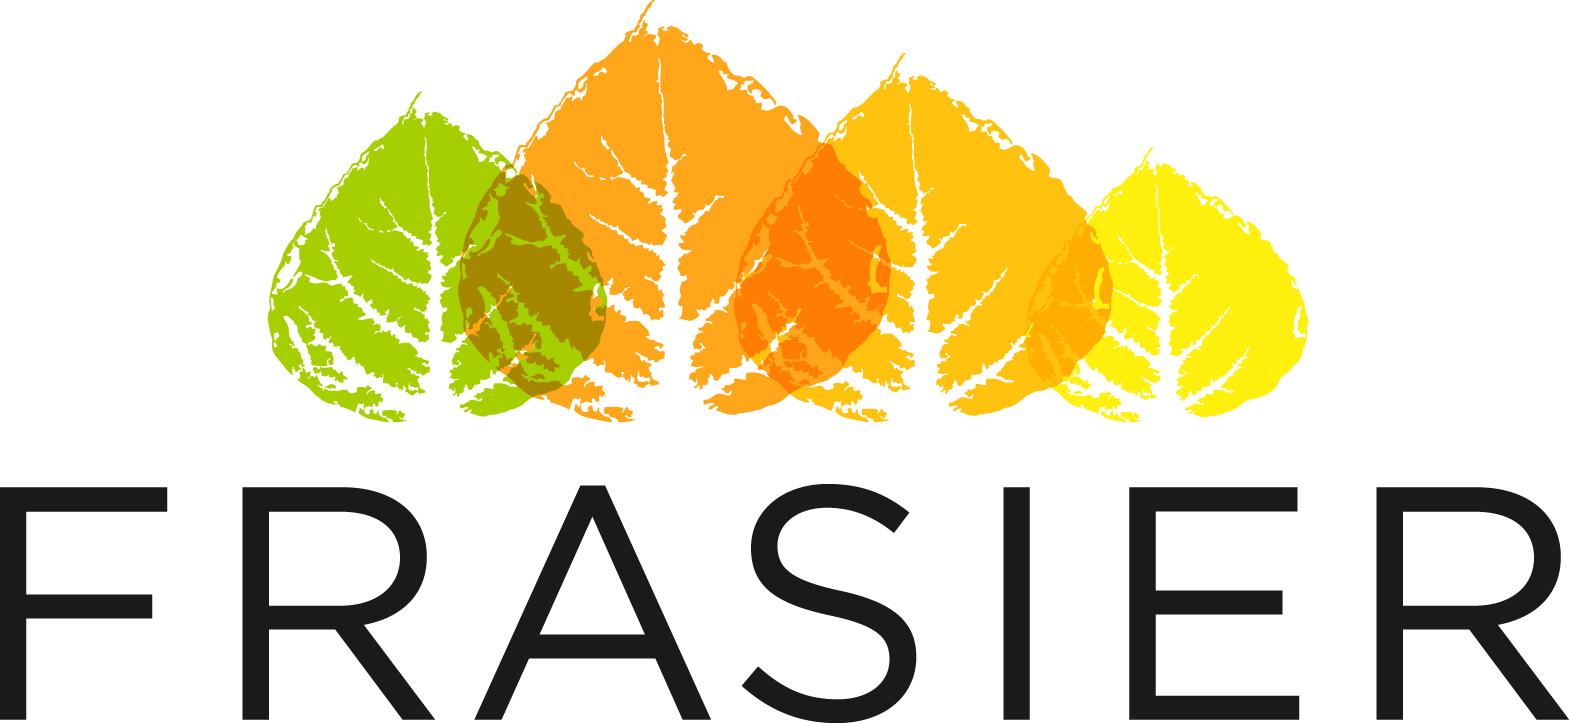 Frasier Meadows logo